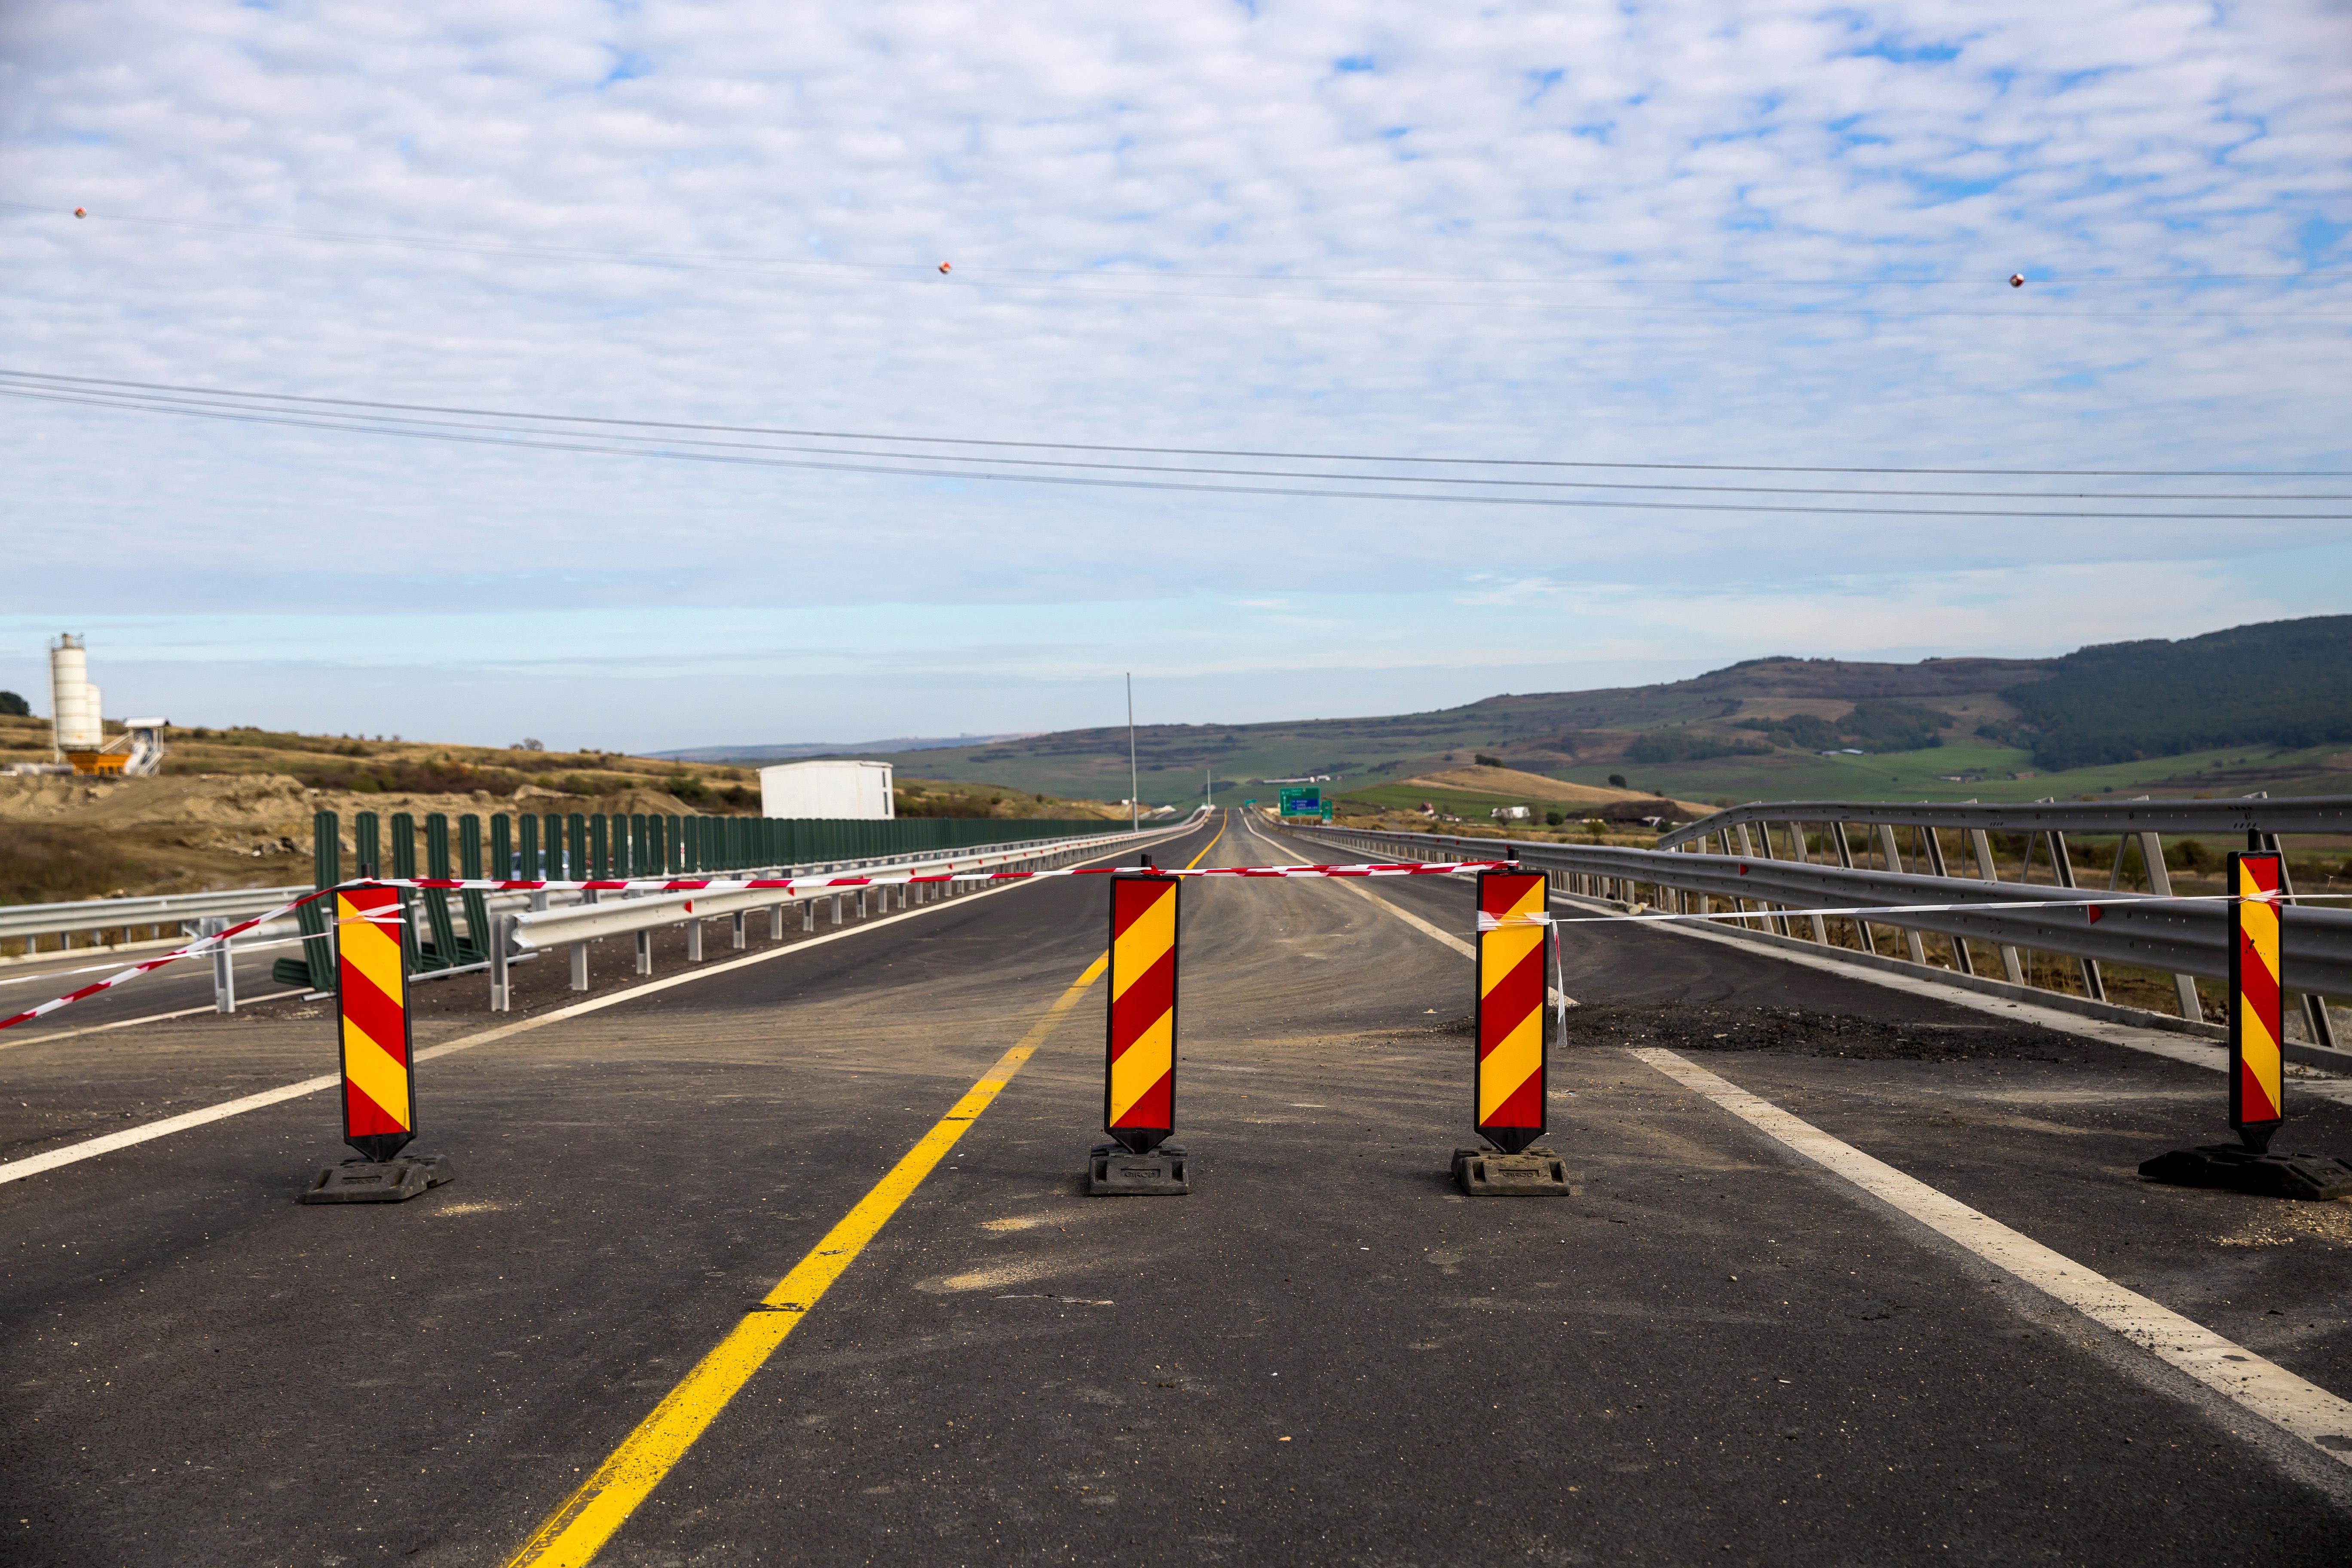 RESTRICŢII de trafic cauzate de caniculă: În ce judeţe va fi interzisă circulaţia vehiculelor ce depăşesc 7,5 tone